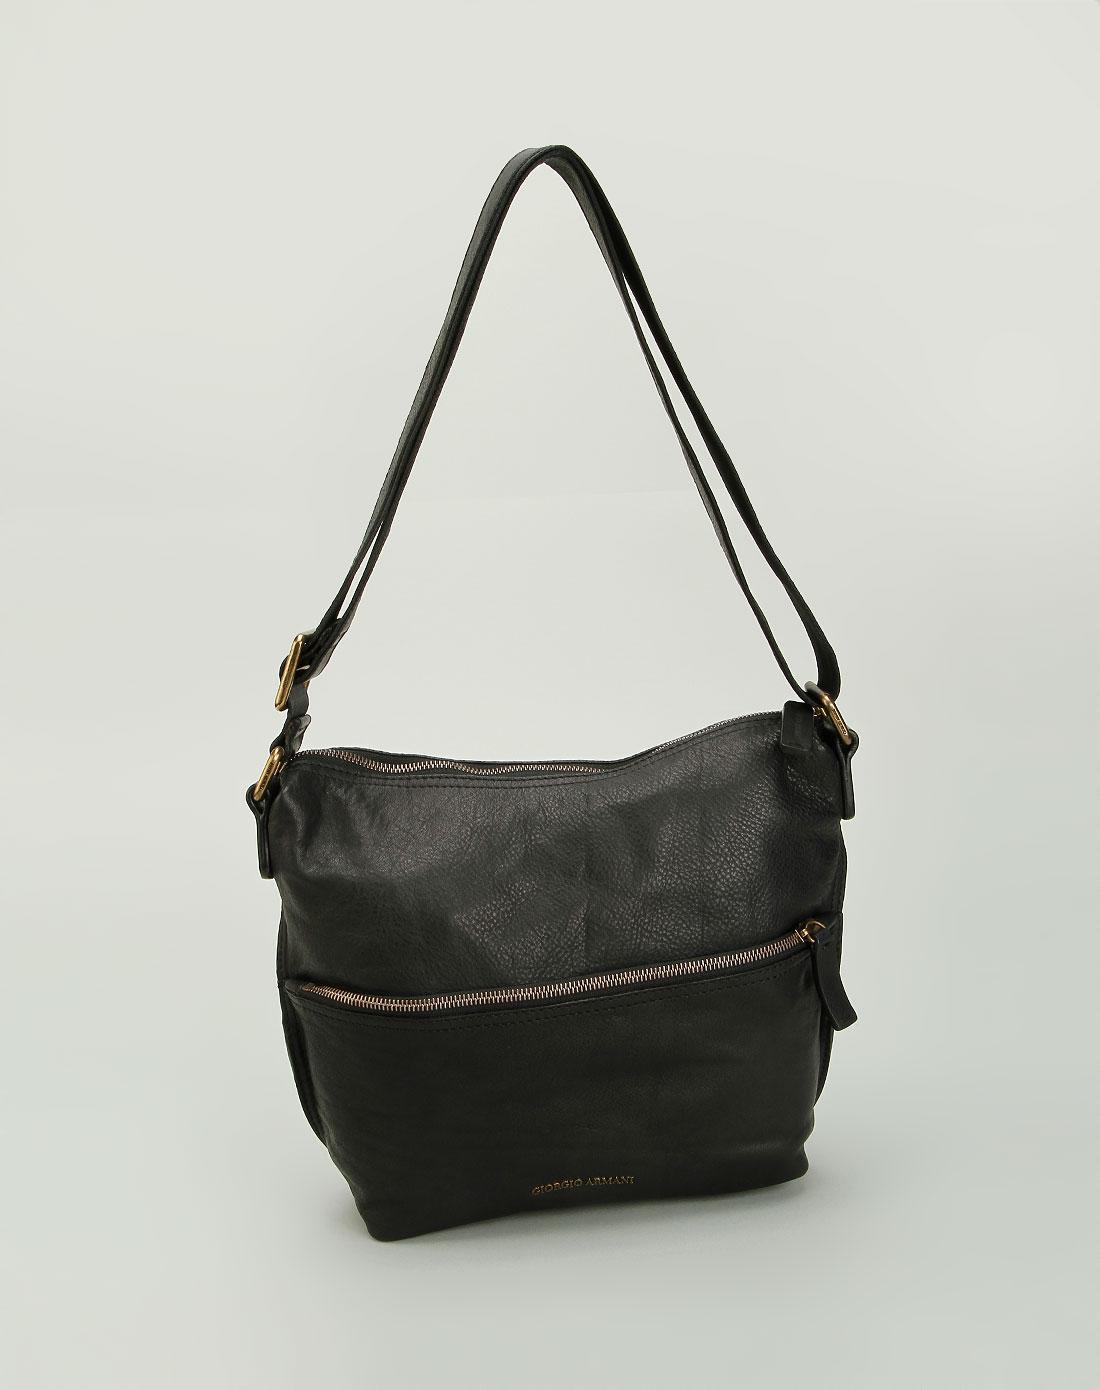 armaniga女款黑色休闲斜挎包ygma22ycf69aqyd01